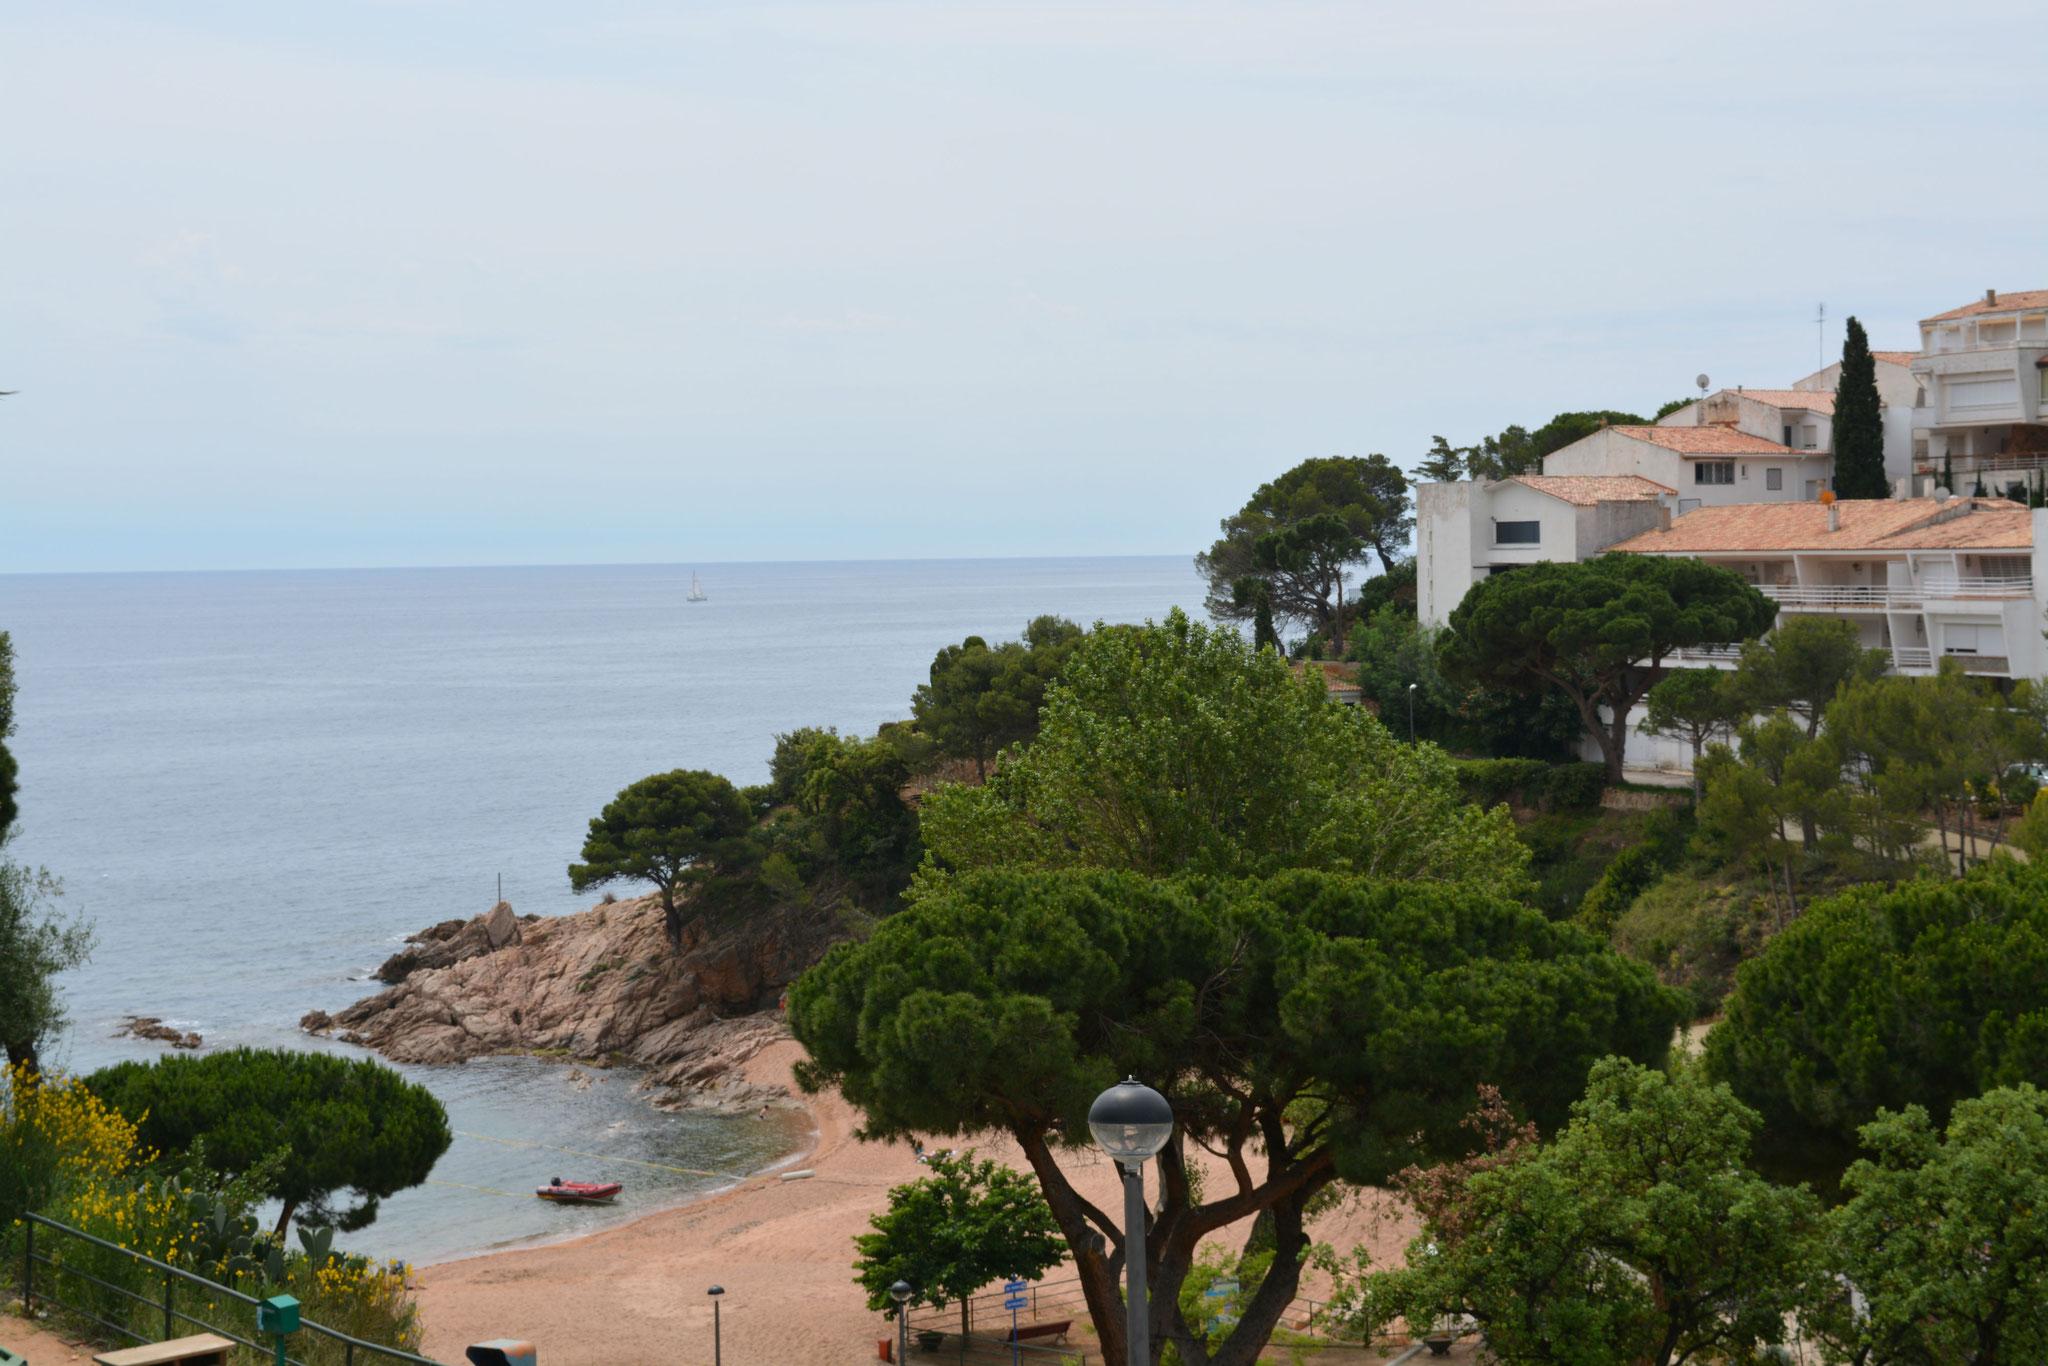 La vue sur la plage depuis la terrasse de l'appartement